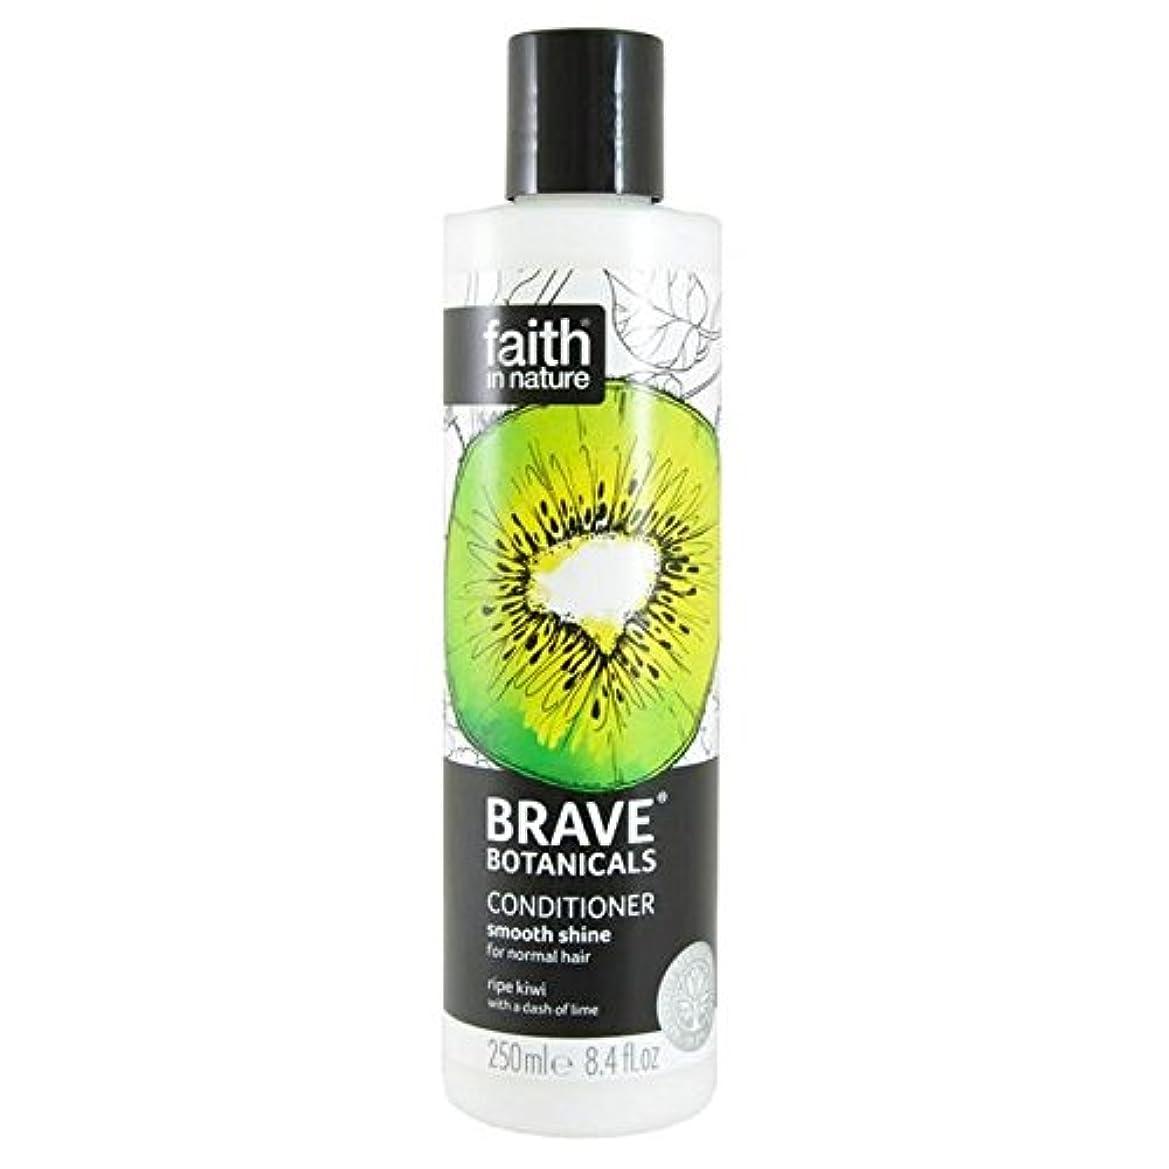 罪混沌増幅Brave Botanicals Kiwi & Lime Smooth Shine Conditioner 250ml (Pack of 4) - (Faith In Nature) 勇敢な植物キウイ&ライムなめらかな輝きコンディショナー250Ml (x4) [並行輸入品]